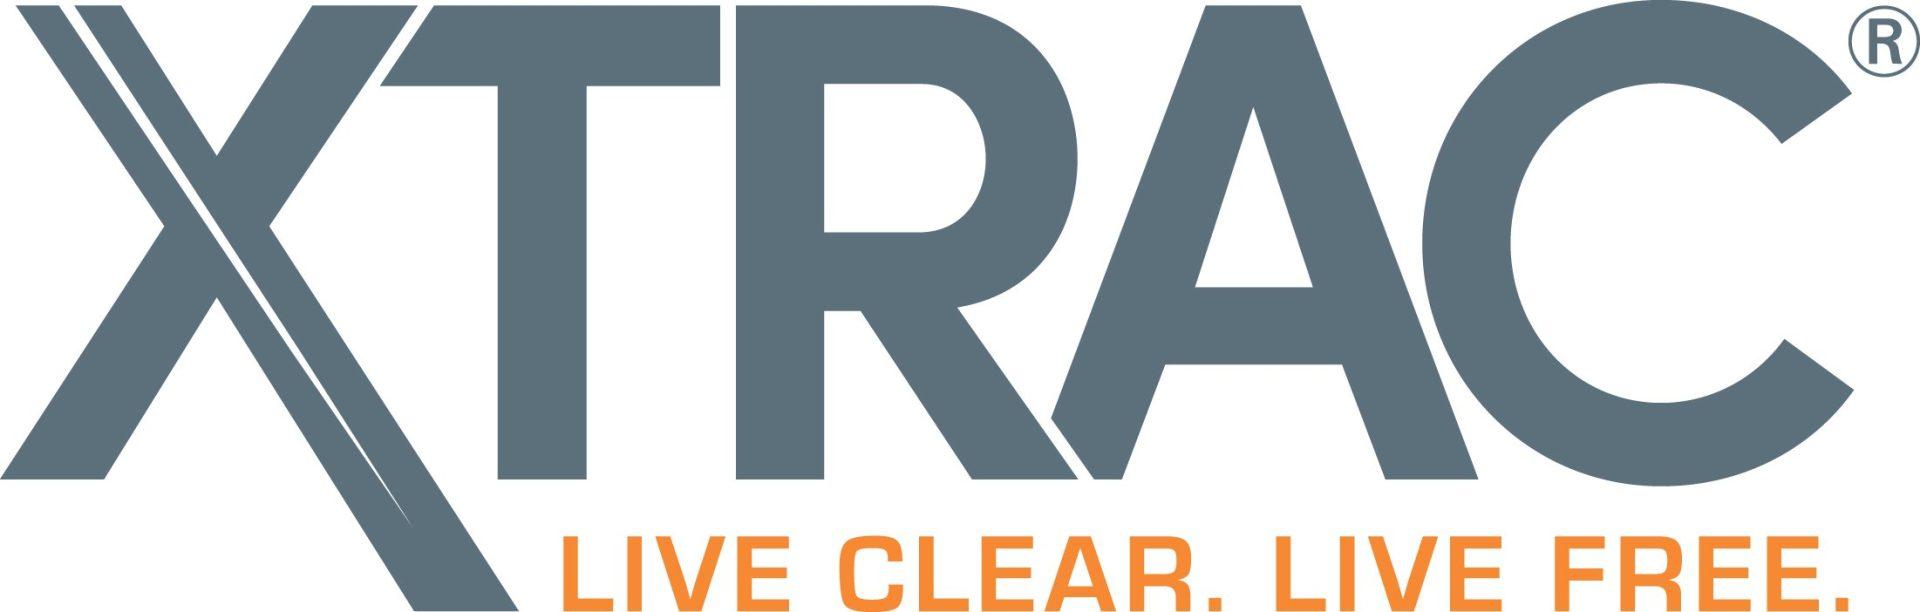 XTRAC logo